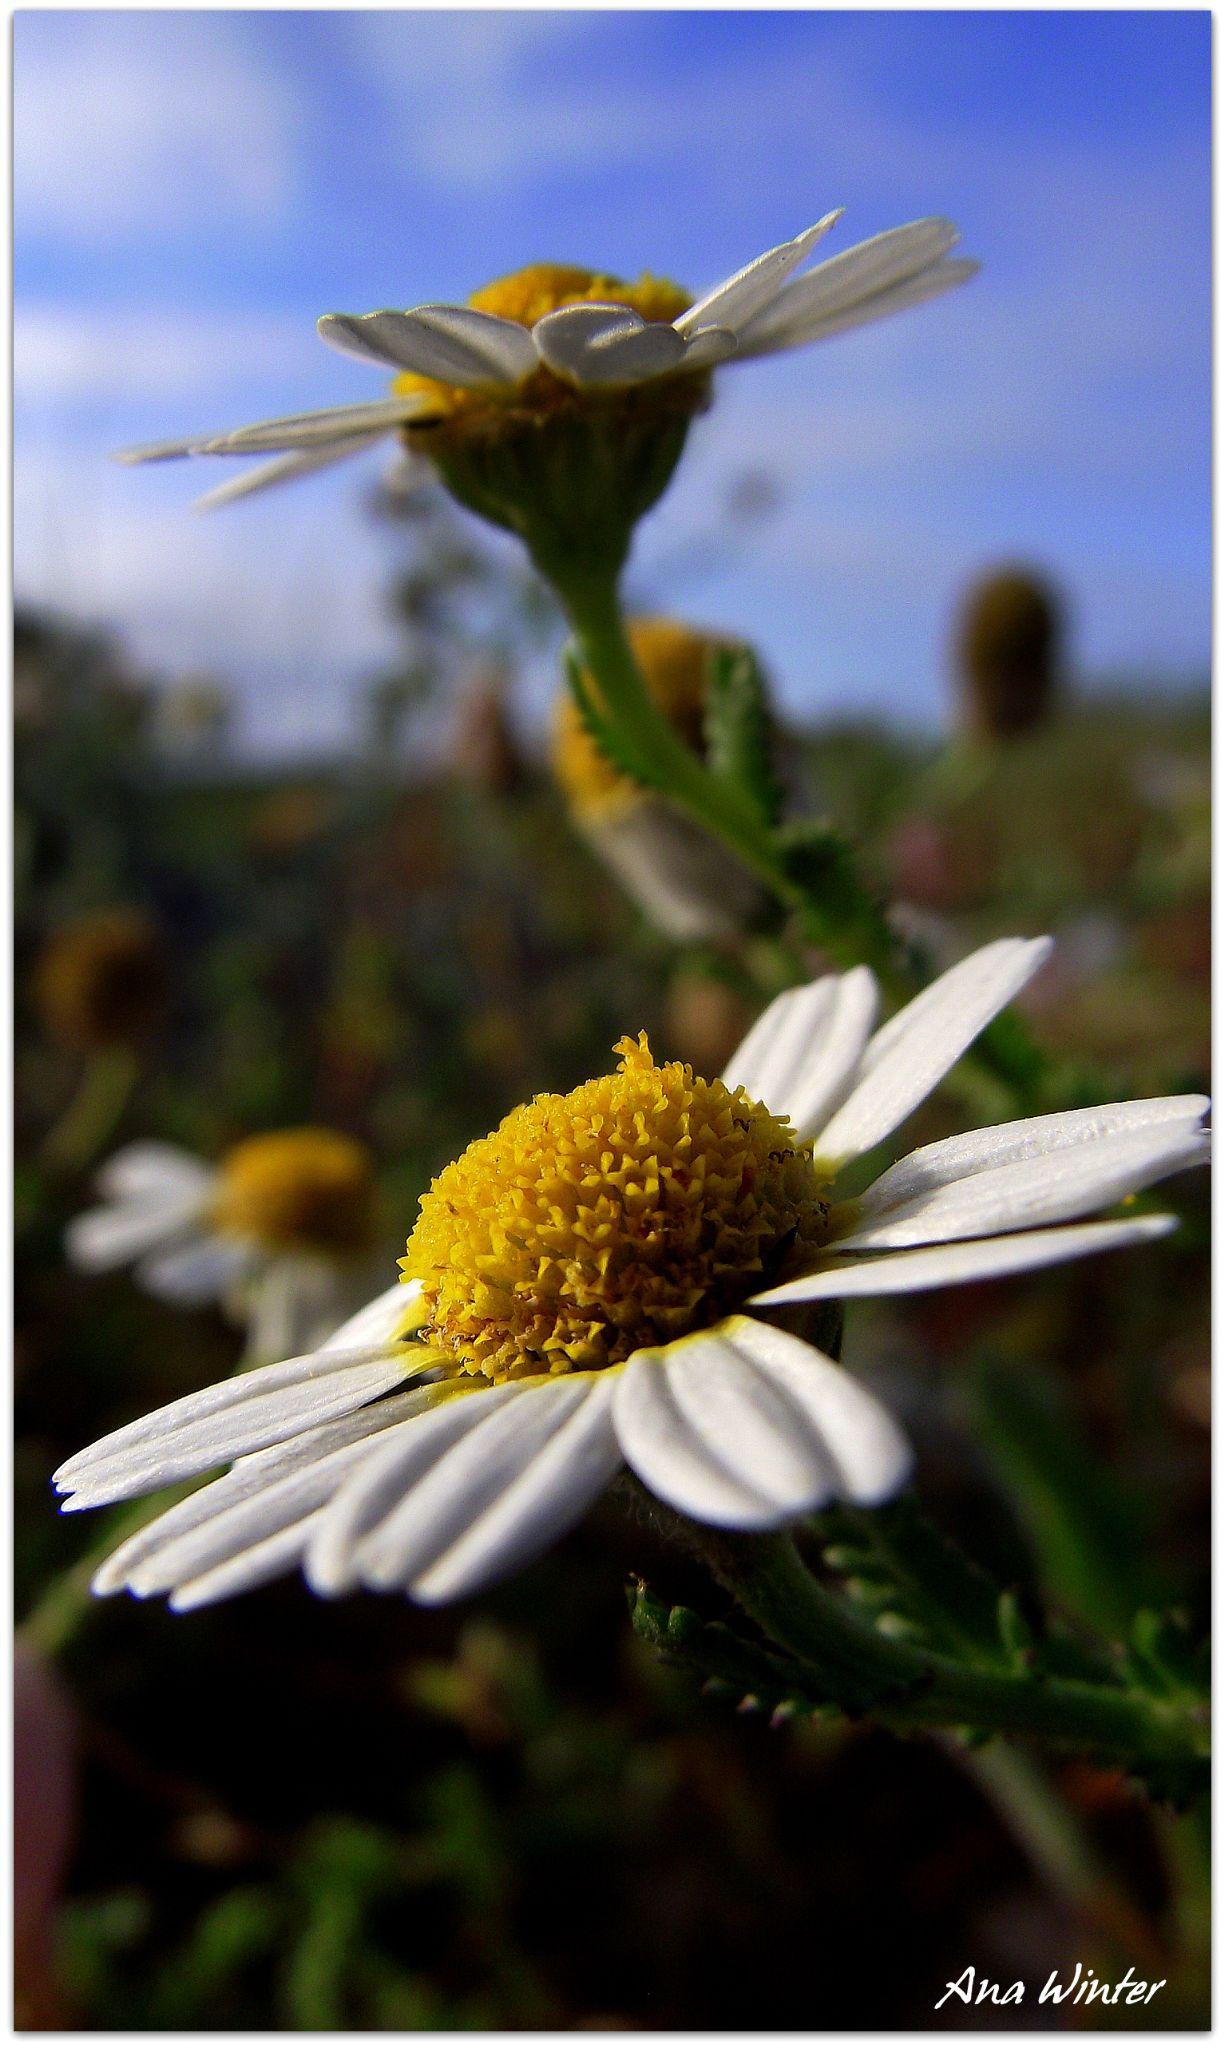 Daisy by Ana Winter